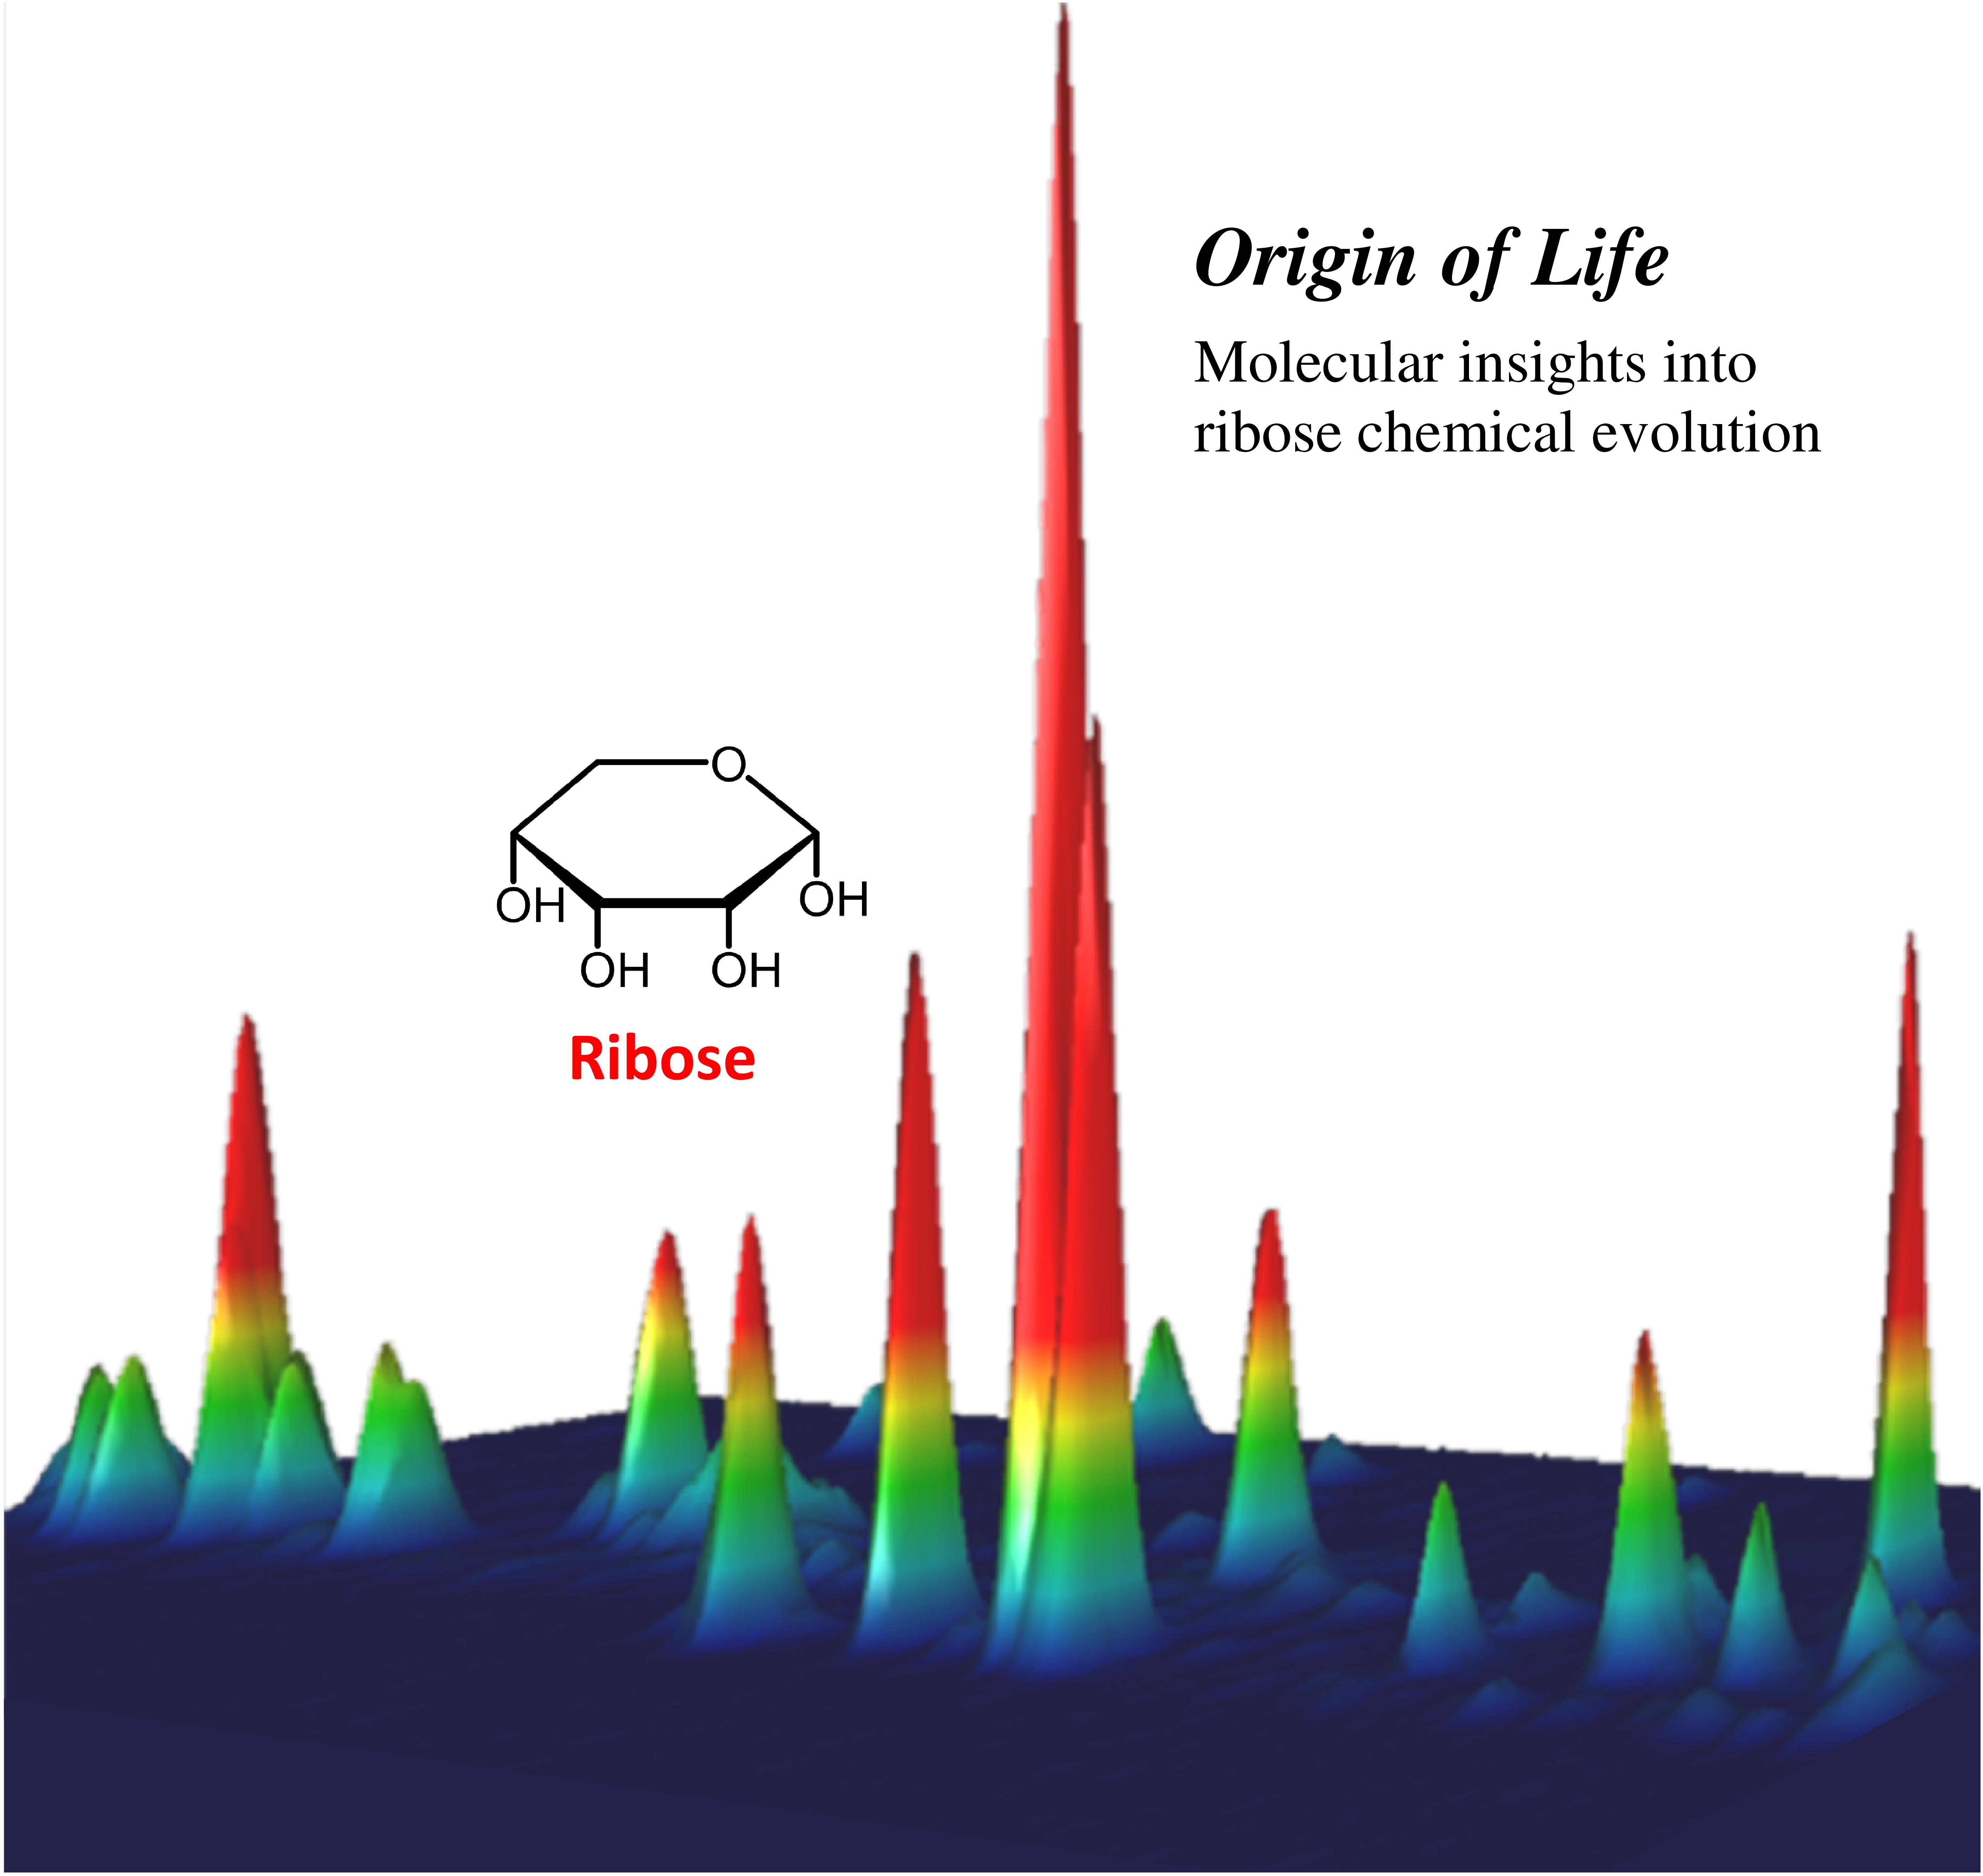 Gas kromatografi af simuleret komet, hvor en UV bestrålet is af vand, metanol og ammoniak viser dannelsen af en række sukkerarter, herunder den centrale sukkerenhed i RNA, ribose. (Copyright C. Meinert - CNRS).